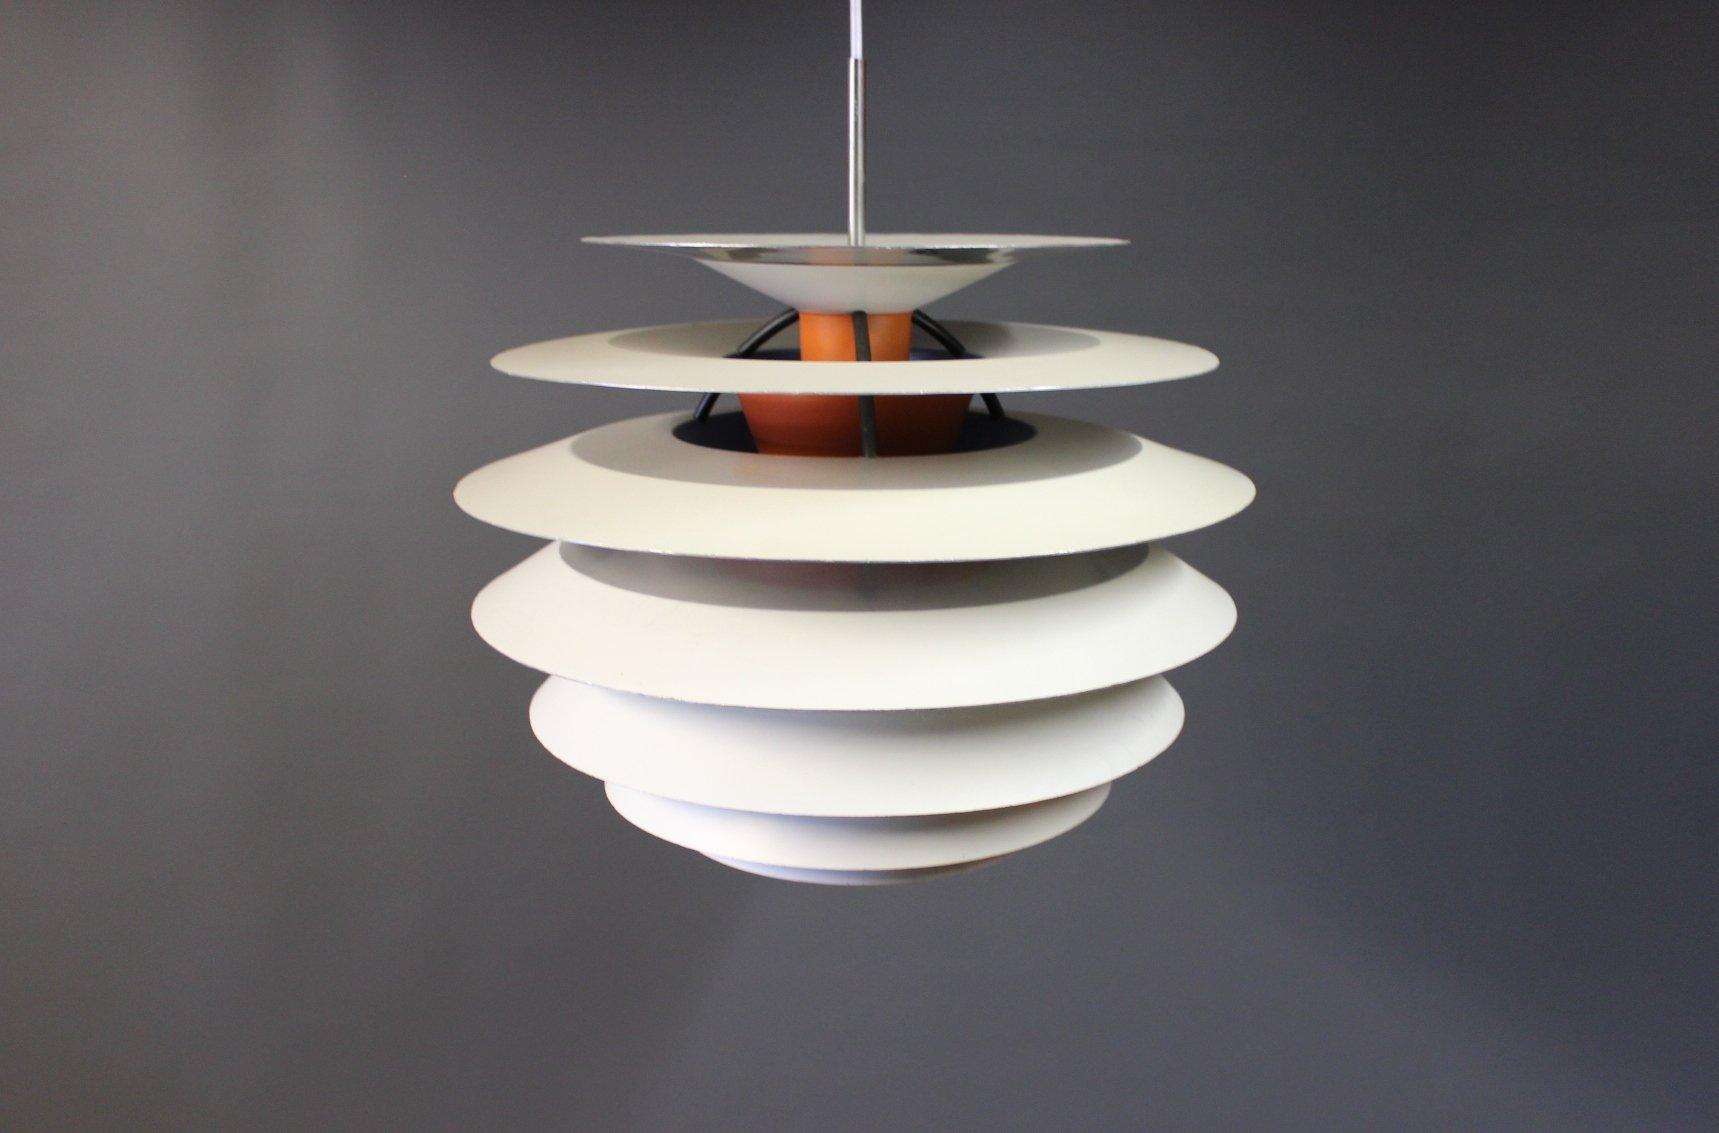 d nische ph contrast lampe von poul henningsen f r louis poulsen 1960er bei pamono kaufen. Black Bedroom Furniture Sets. Home Design Ideas